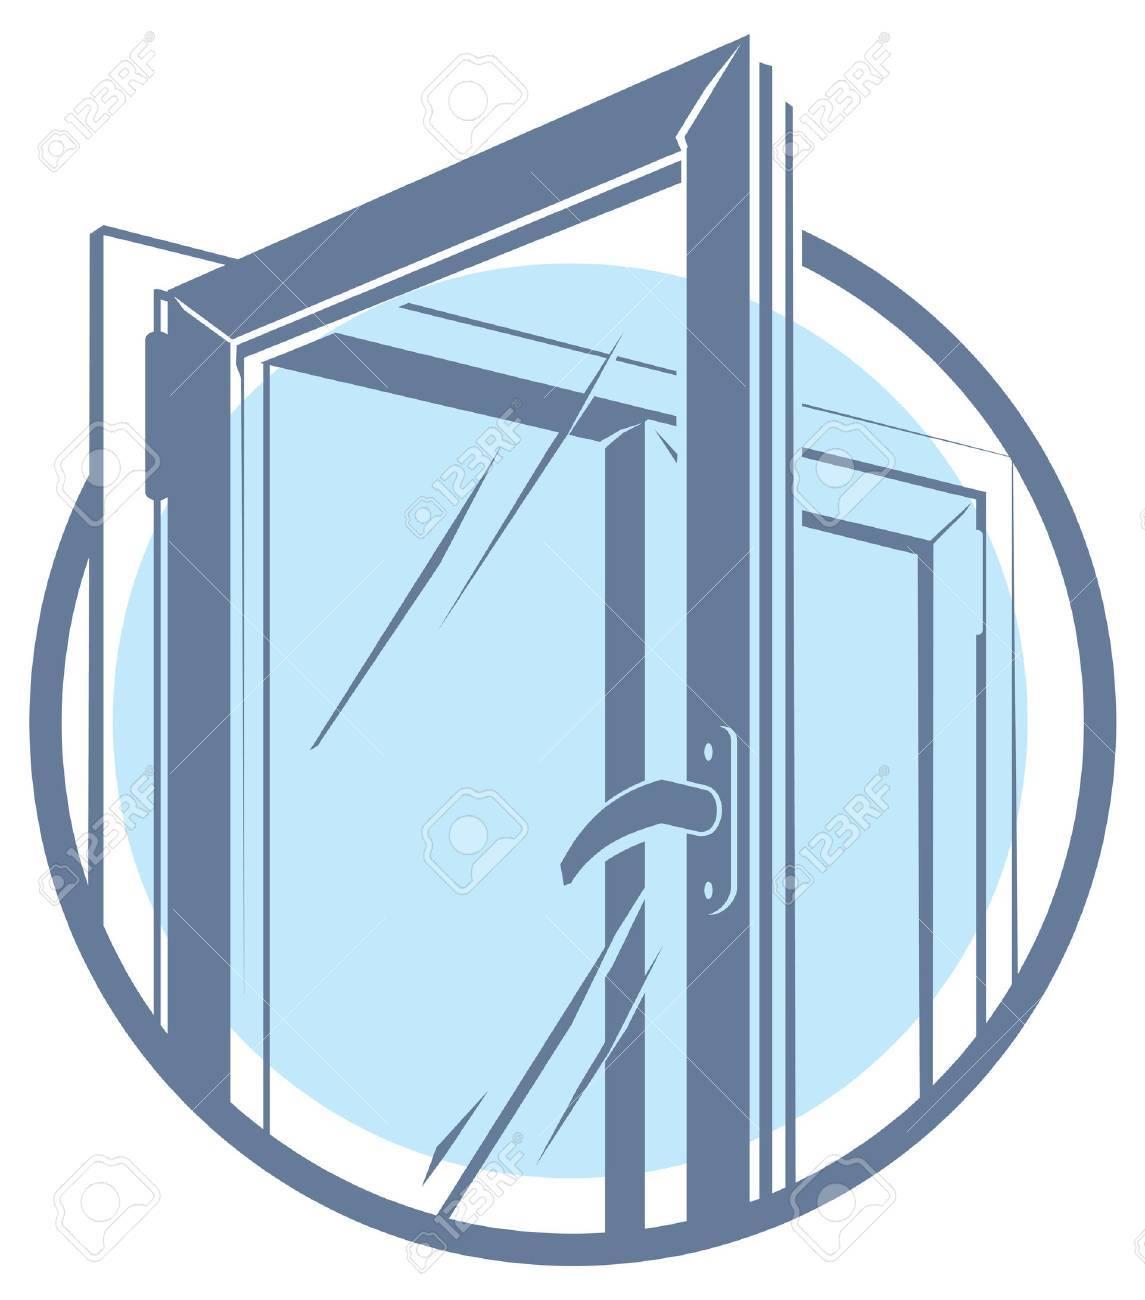 Vector plastic window icon - 50449013